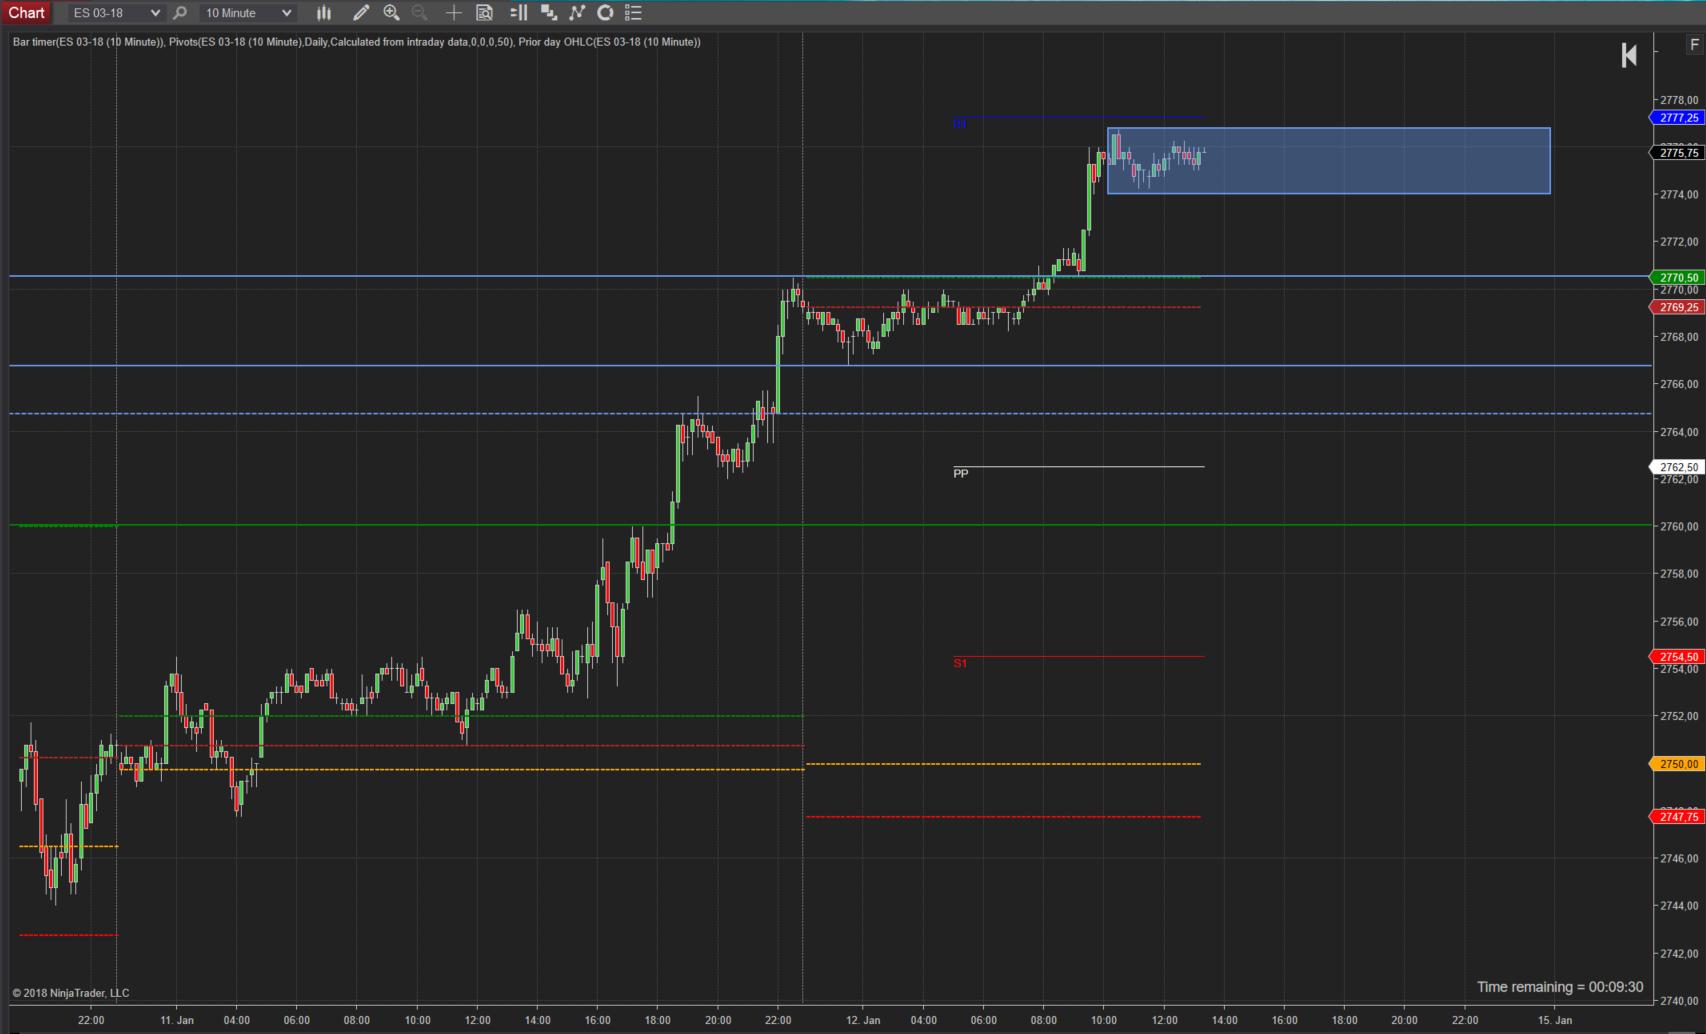 Chart SP500 (ES) Stundenchart - Handeln aus der Korrektur heraus